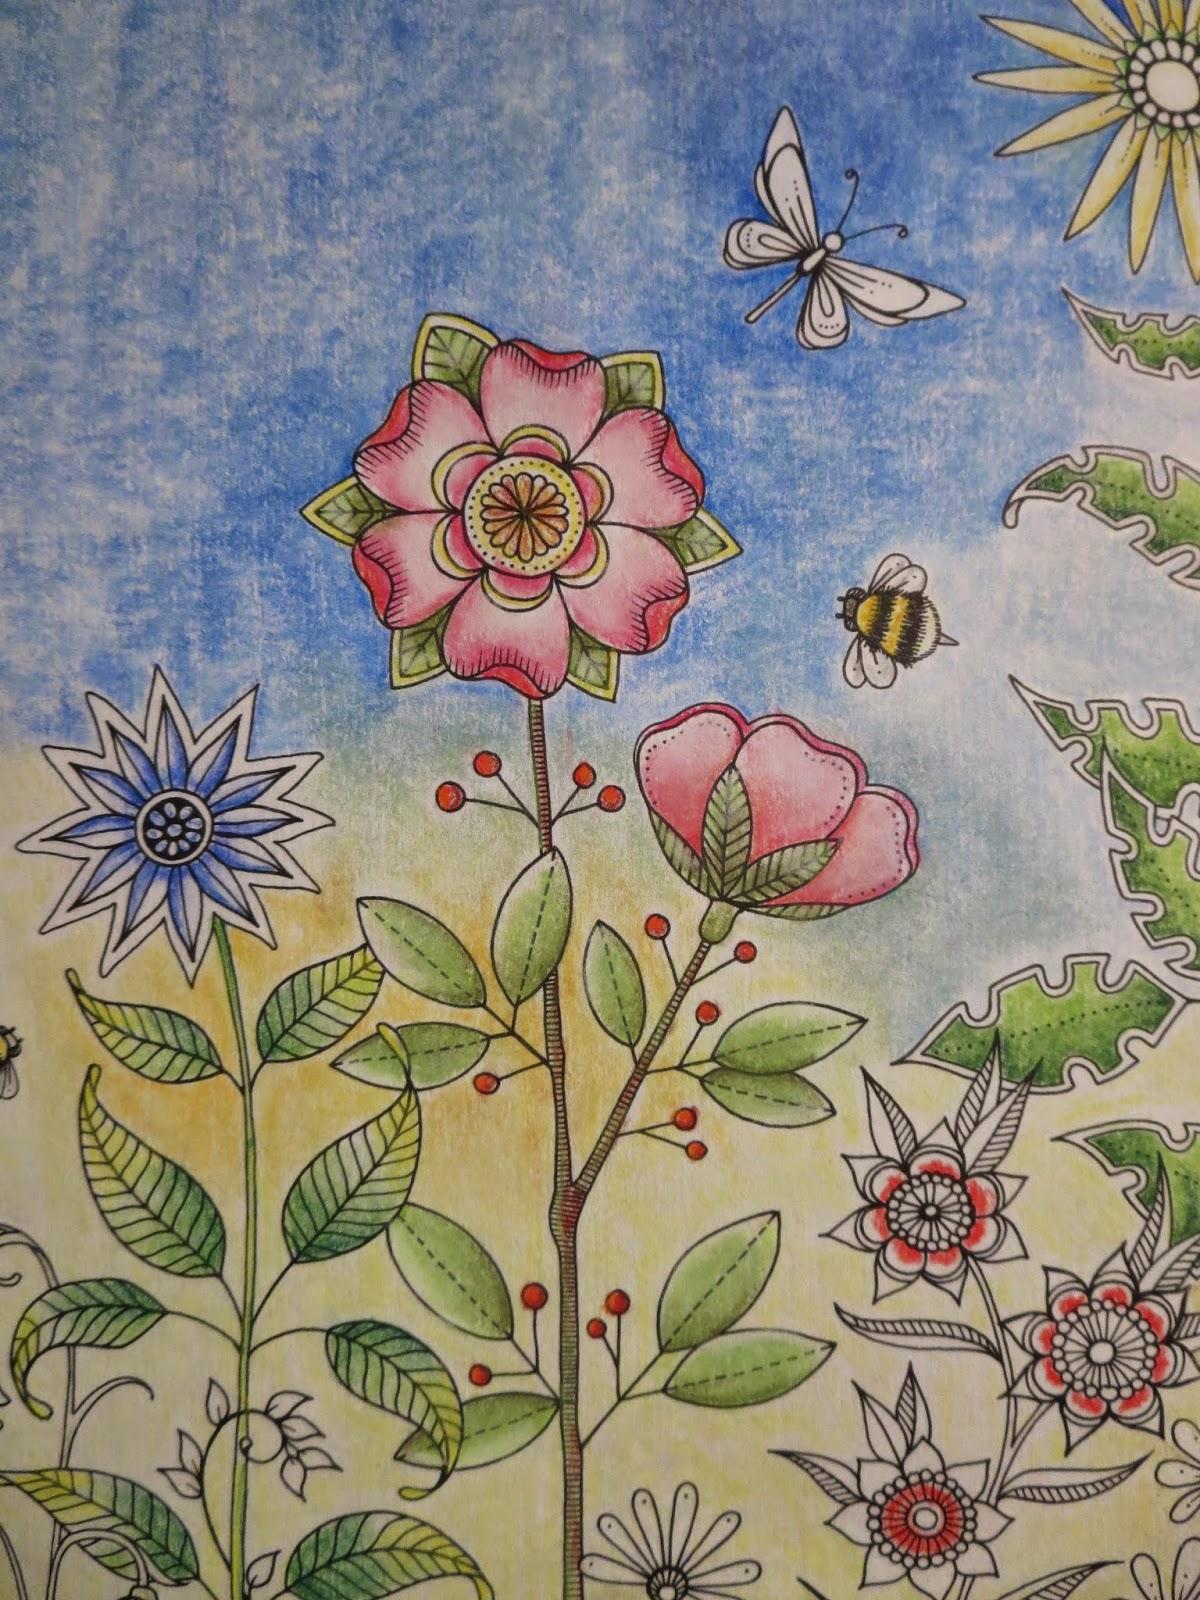 My Secret Garden: Passion For Pencils: My Secret Garden Colouring Book, Part